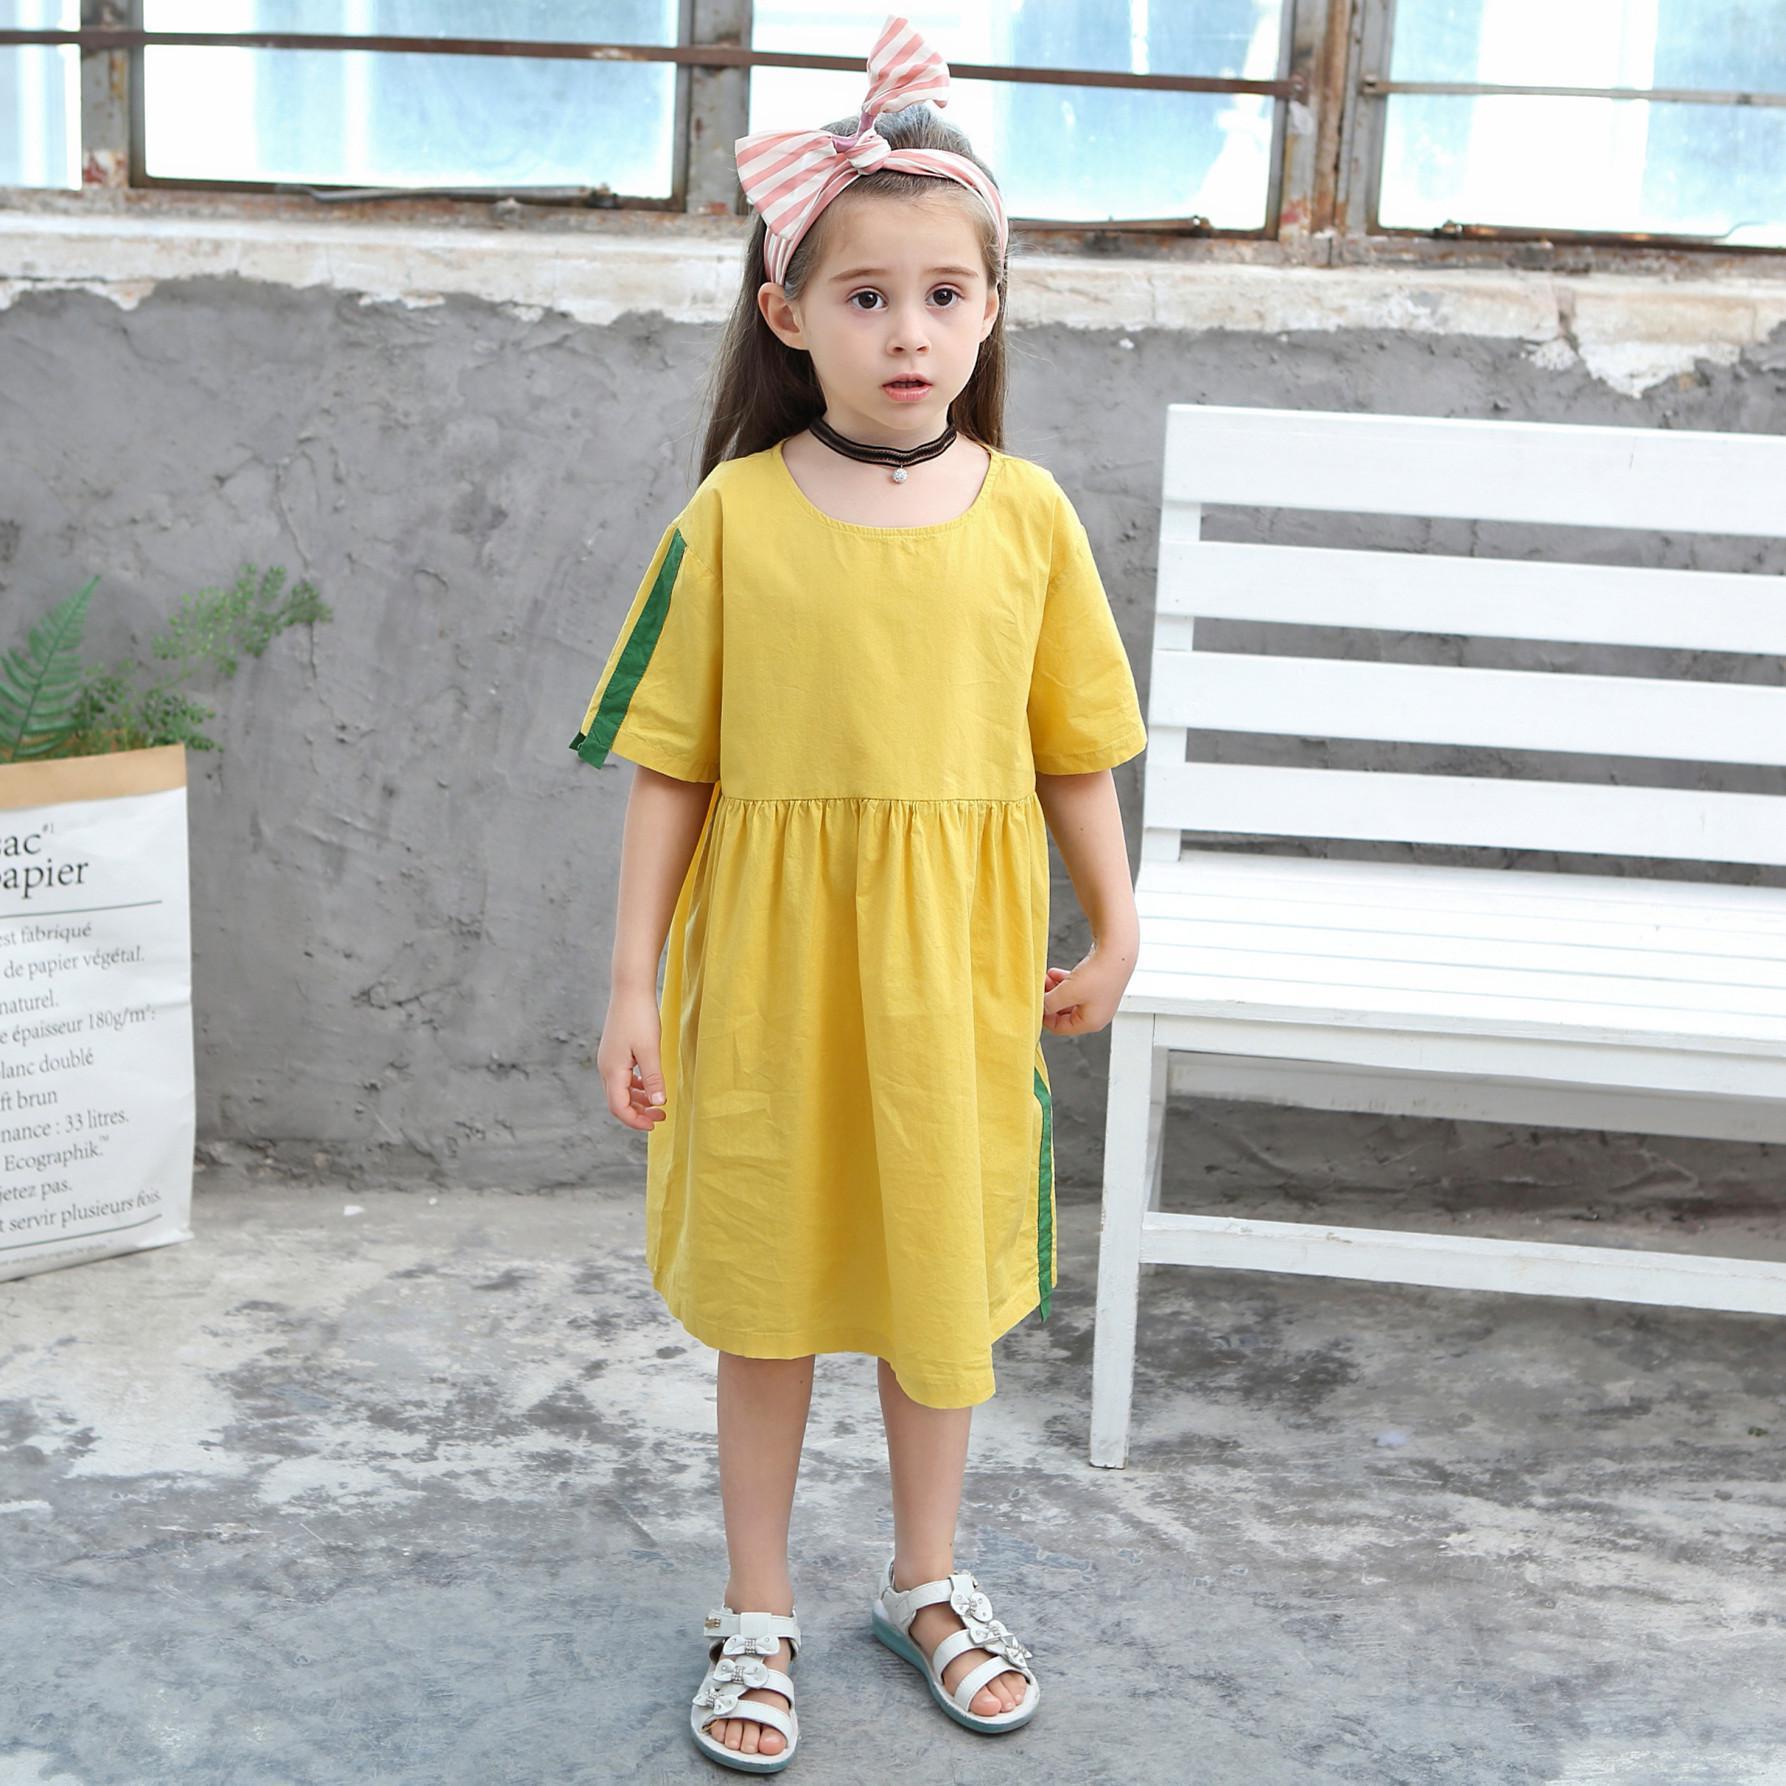 07f392e8be667 Summer Girl Dress Kids Children Dress Girls Long Sleeve Plaid Dress Soft  Cotton Summer Princess Dresses Baby Girls Clothes 2-11T